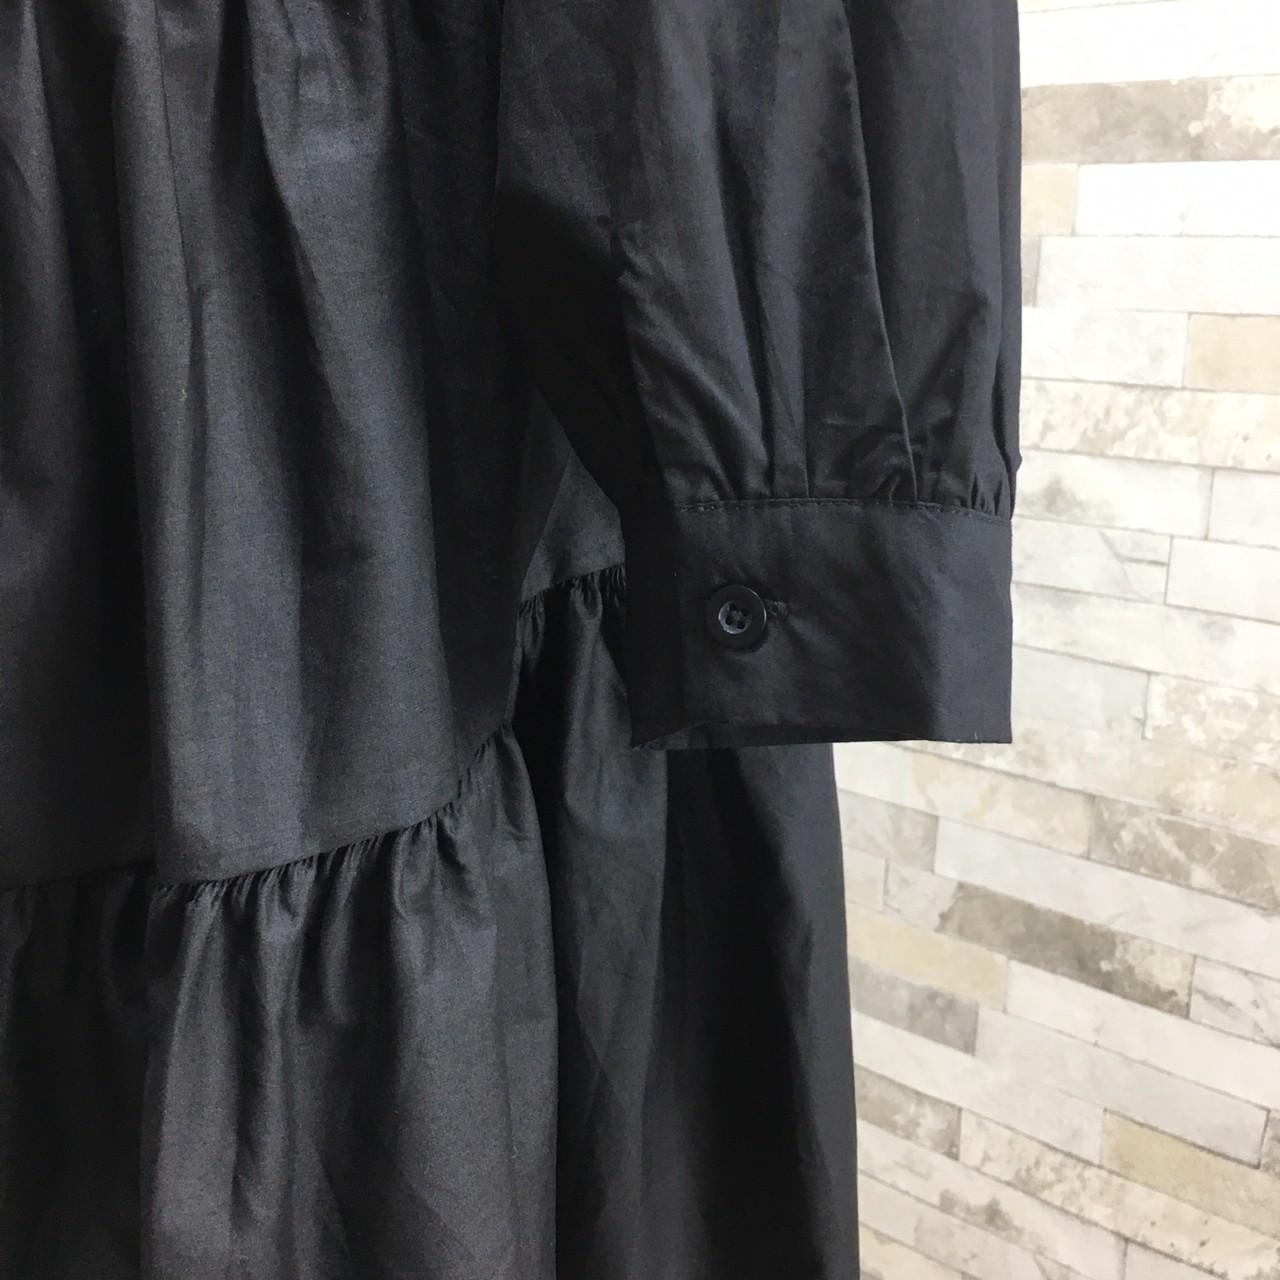 【即納】韓国 ファッション ワンピース 春 夏 秋 カジュアル SPTXI149  ティアード ドレープ ギャザー ゆったり オルチャン シンプル 定番 セレカジの写真19枚目